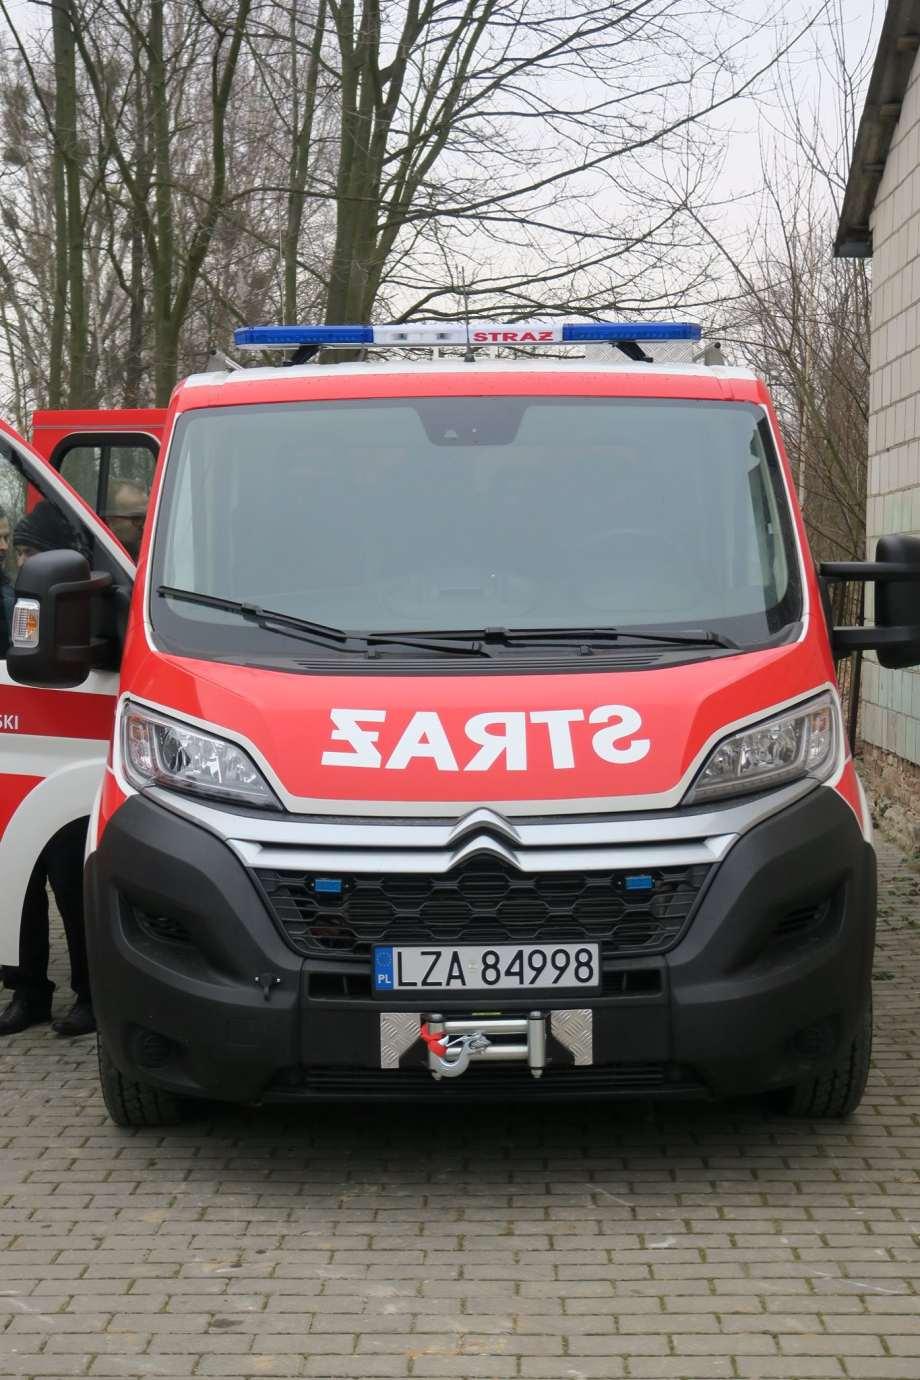 83886623 1470831909751346 6154625445825347584 o Nowy sprzęt dla strażaków z Gminy Nielisz